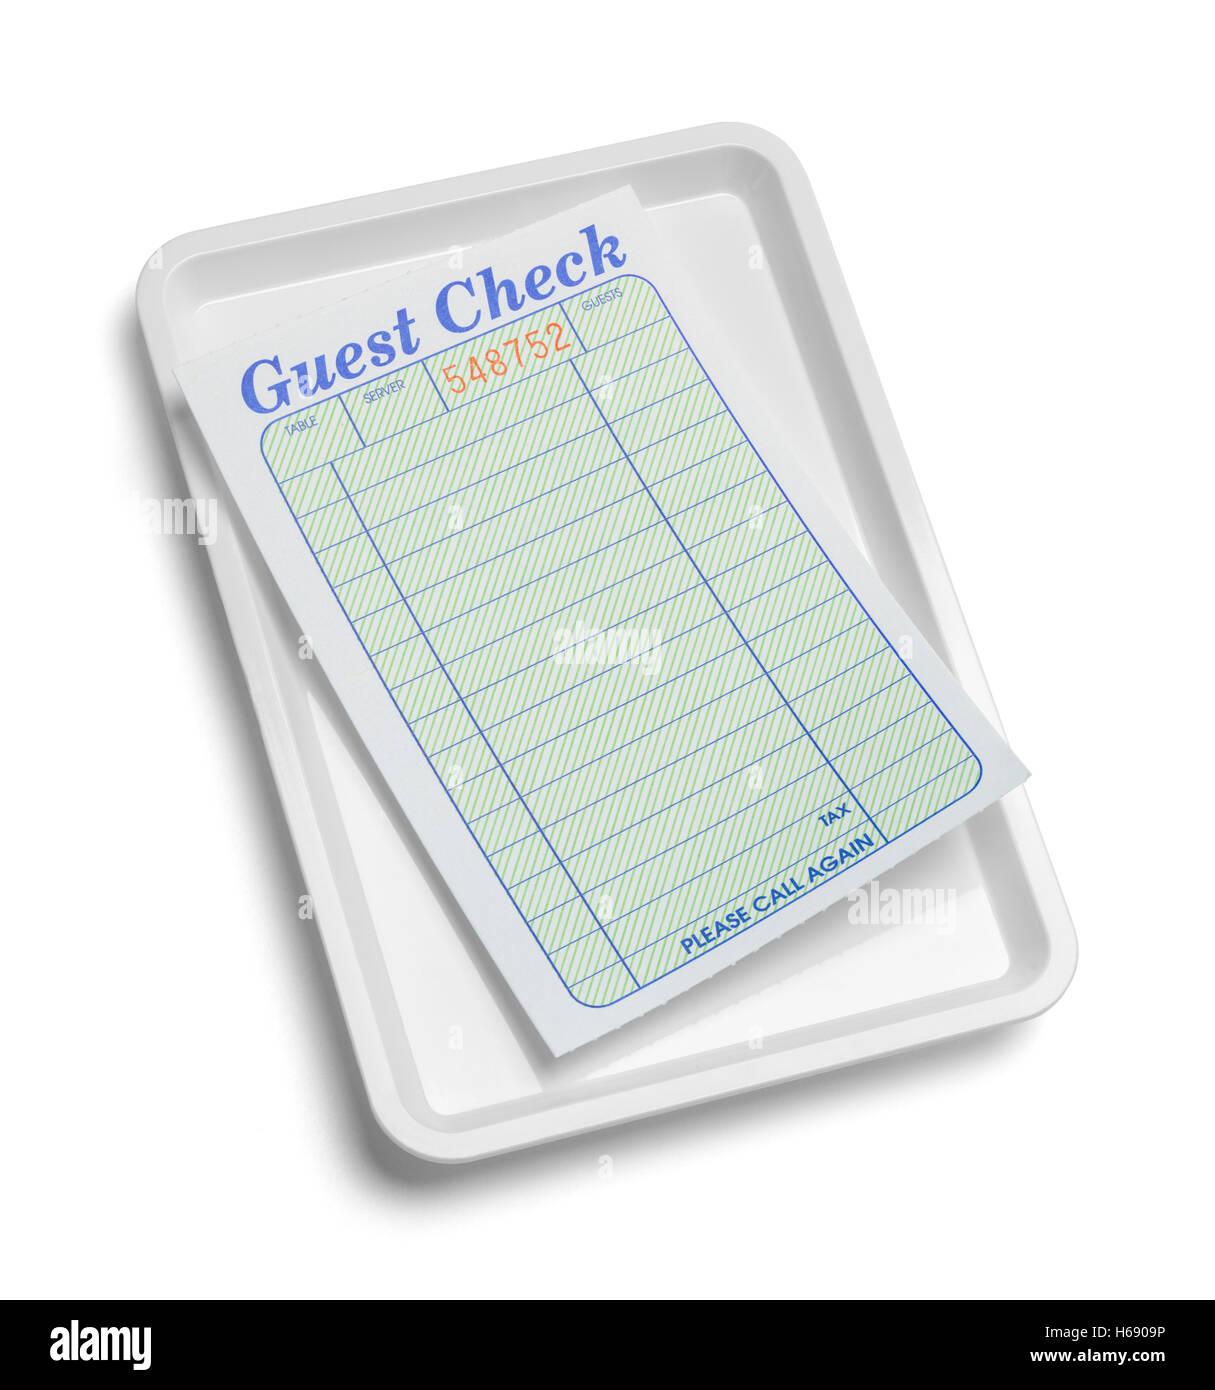 Bac de réception avec vérification d'un client blanc isolé sur fond blanc. Photo Stock